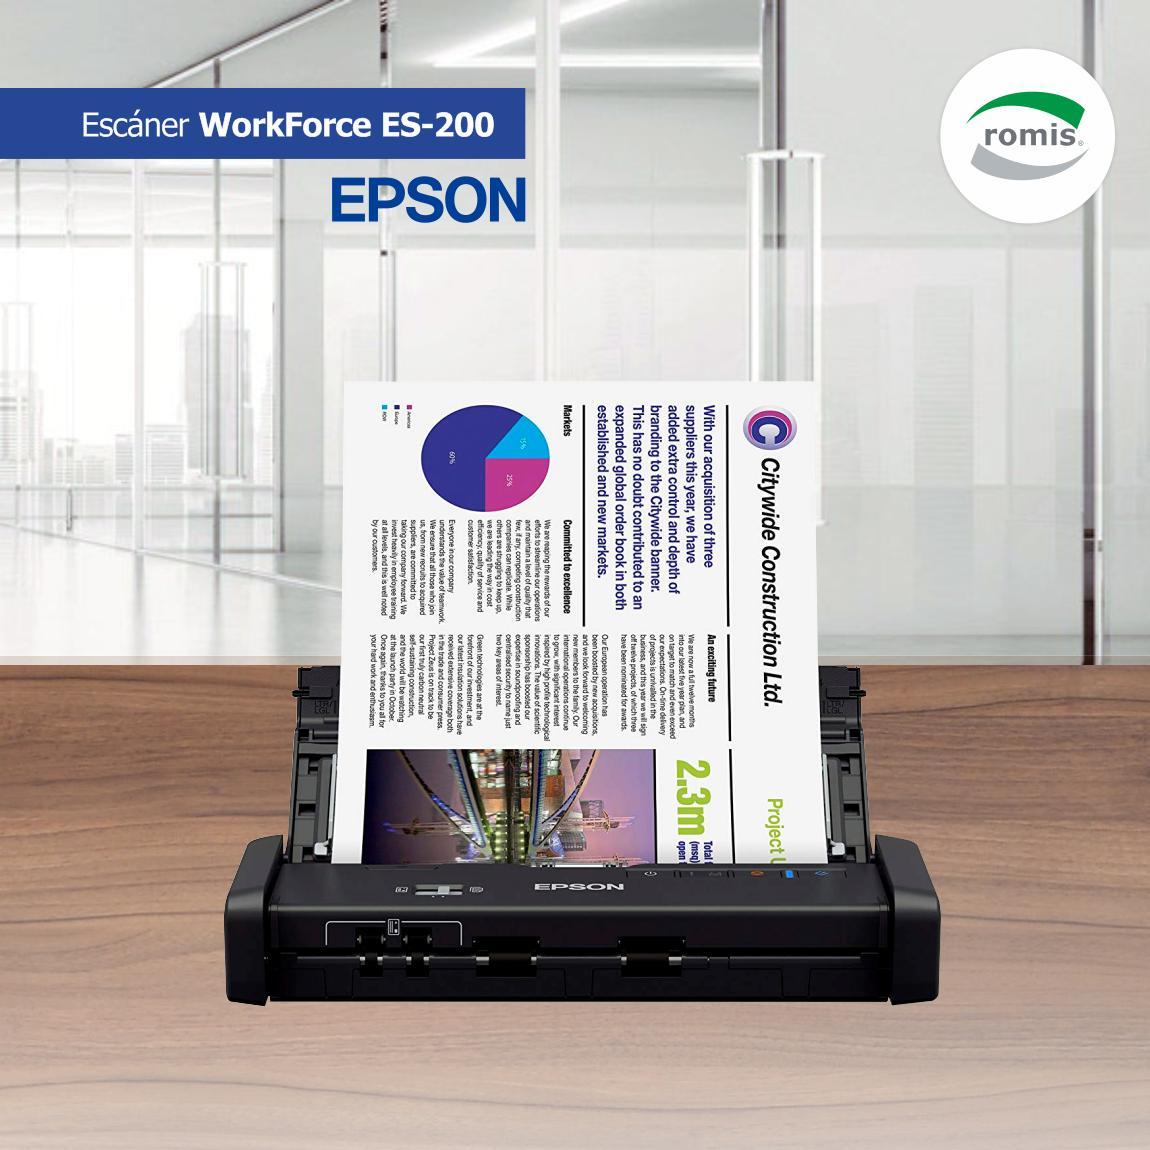 Potente y portátil. Escáner Epson WorkForce ES-200 Con capacidad de escaneo dúplex es la solución ideal para personas en movimiento y empresas que necesitan de un escáner pequeño y ligero de alto rendimiento. https://www.romis.com.uy/Escaner-duplex-portatil-Epson-WorkForce-ES-200/…